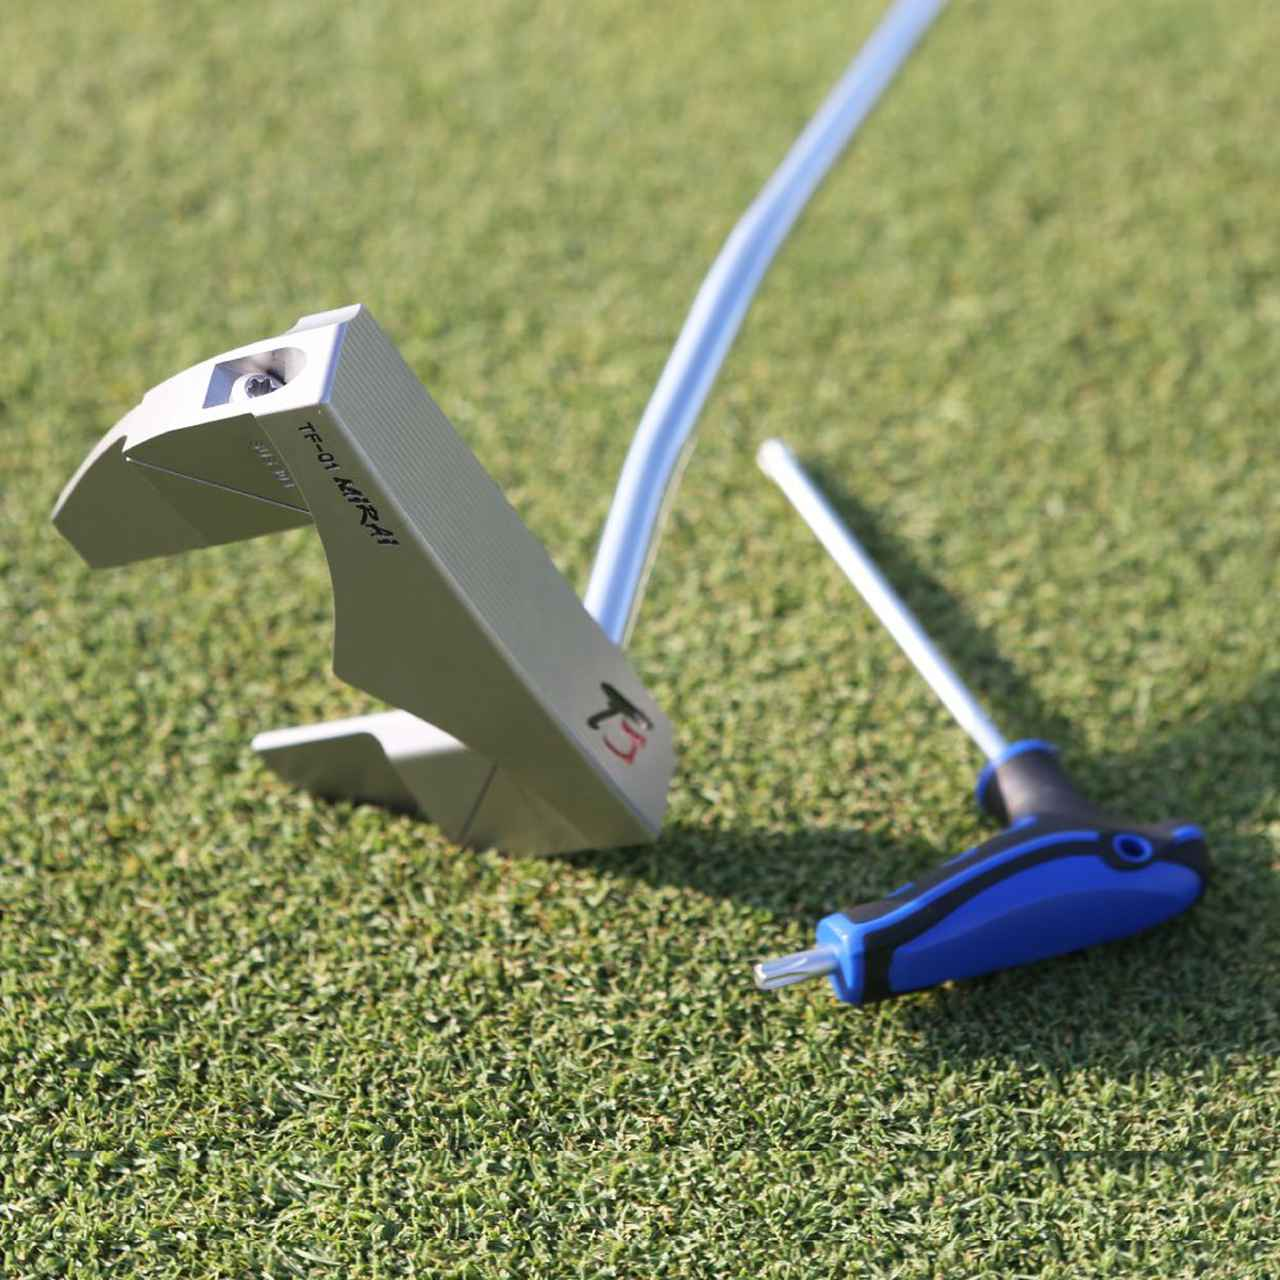 画像: 【ピン型・マレット型 2in1パター】匠ジャパン「TF-01 Mirai」 ※購入特典あり-ゴルフダイジェスト公式通販サイト「ゴルフポケット」